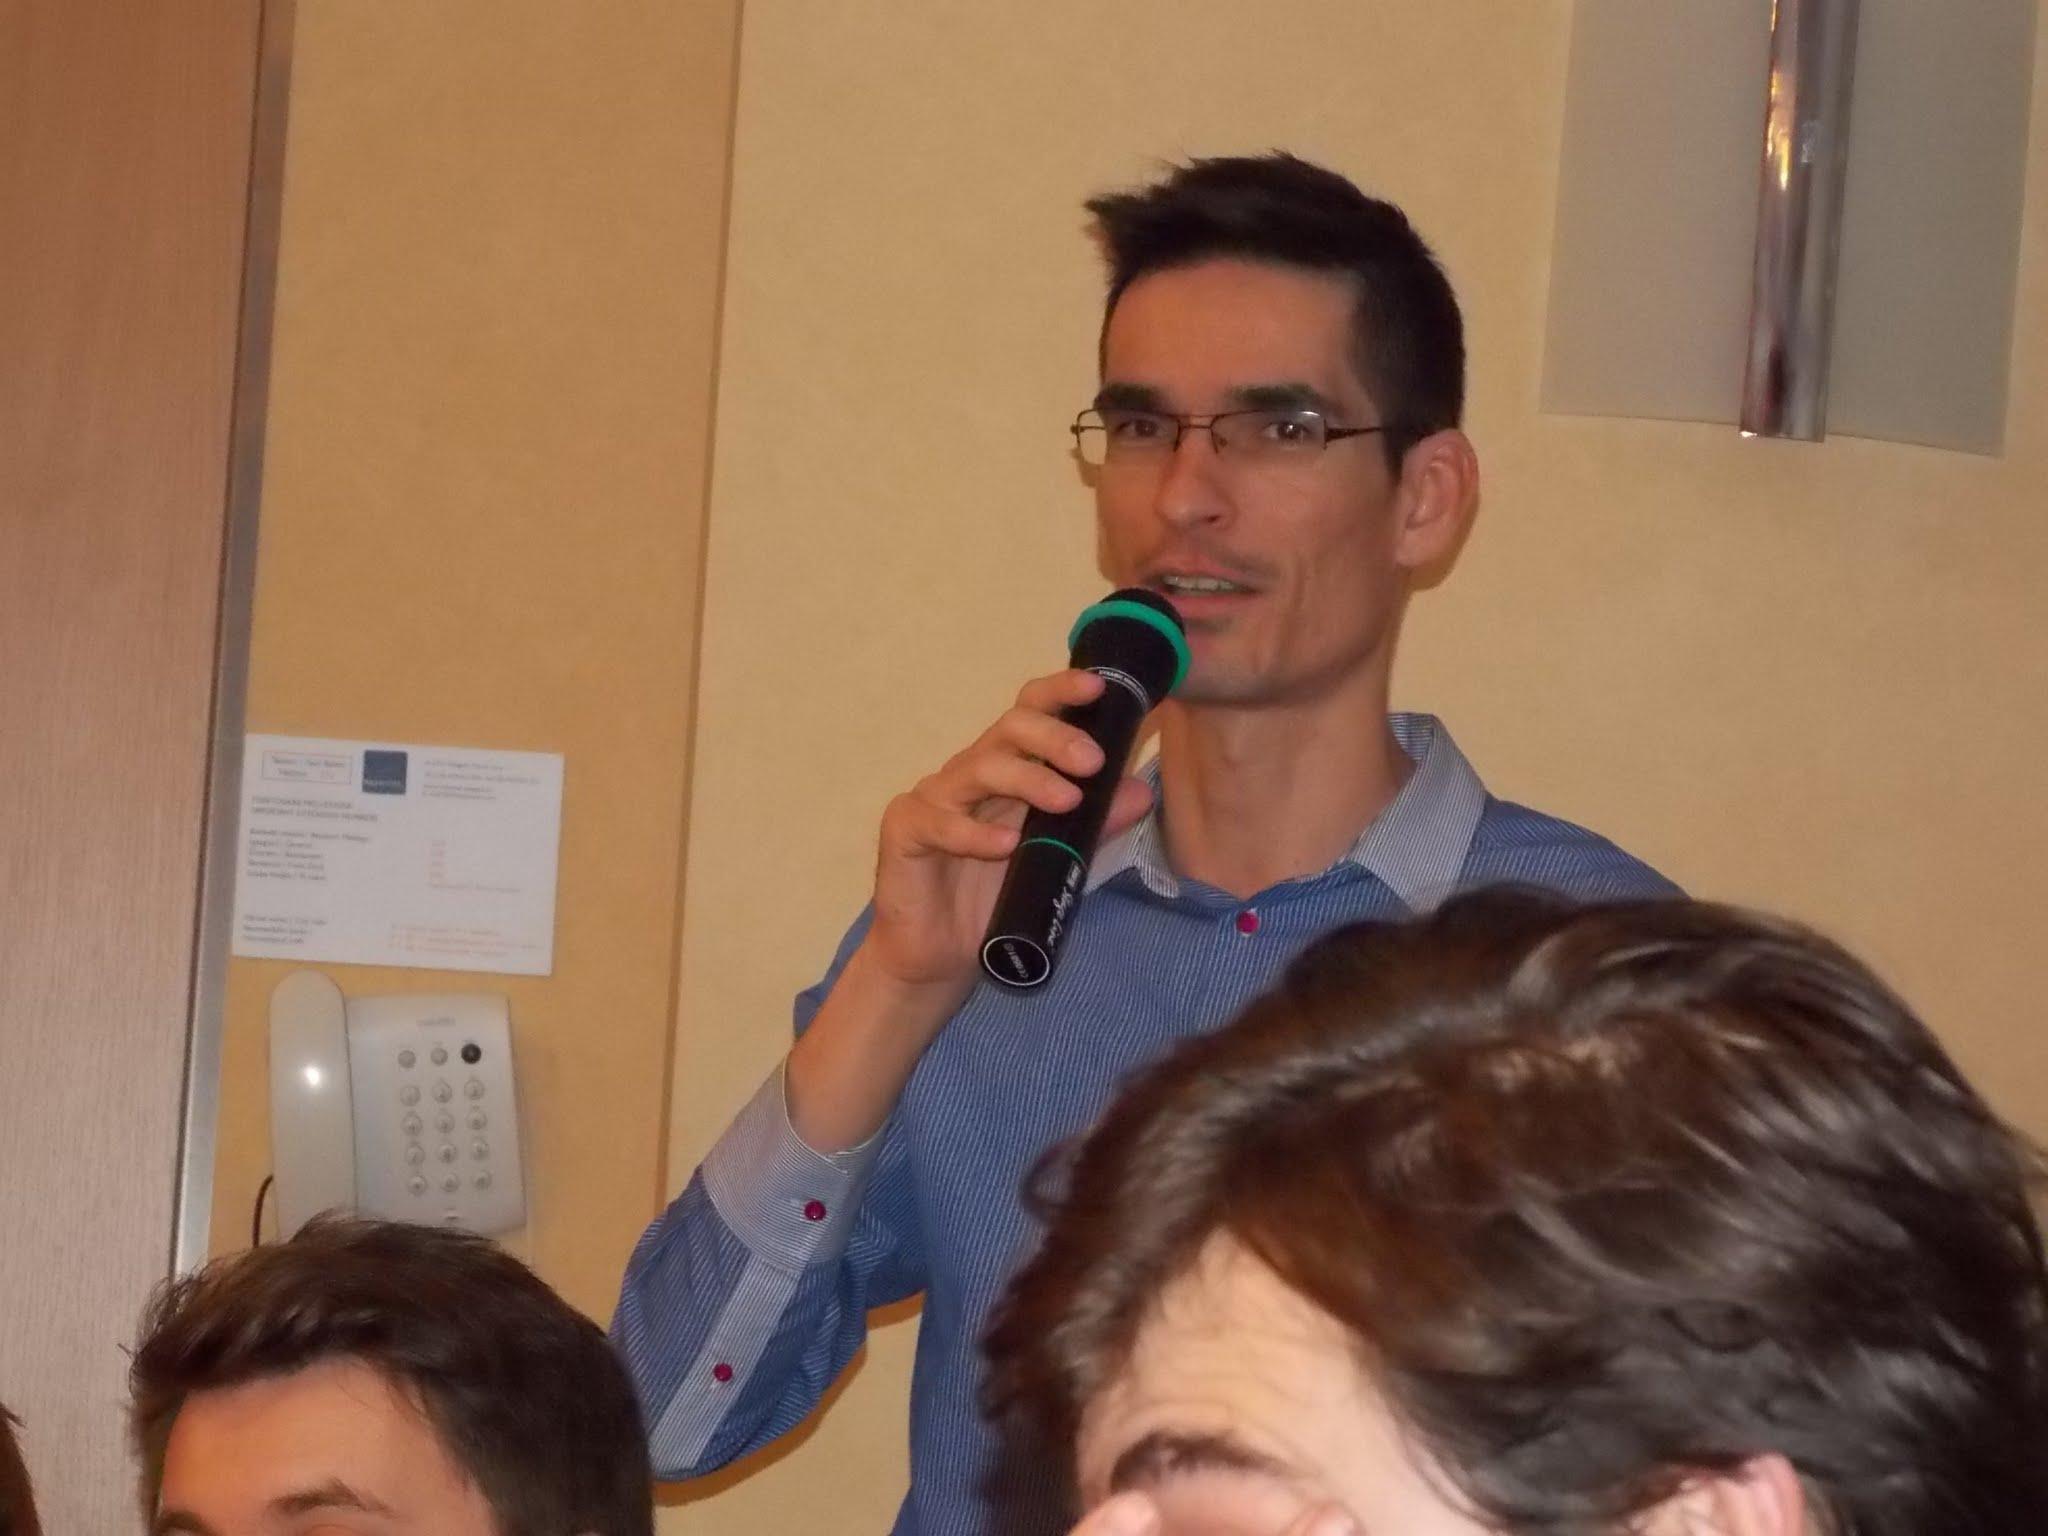 A szegedi konferencián tartott közgyűlésen 2012-ben.  Ez volt az utolsó Facebook profilképe